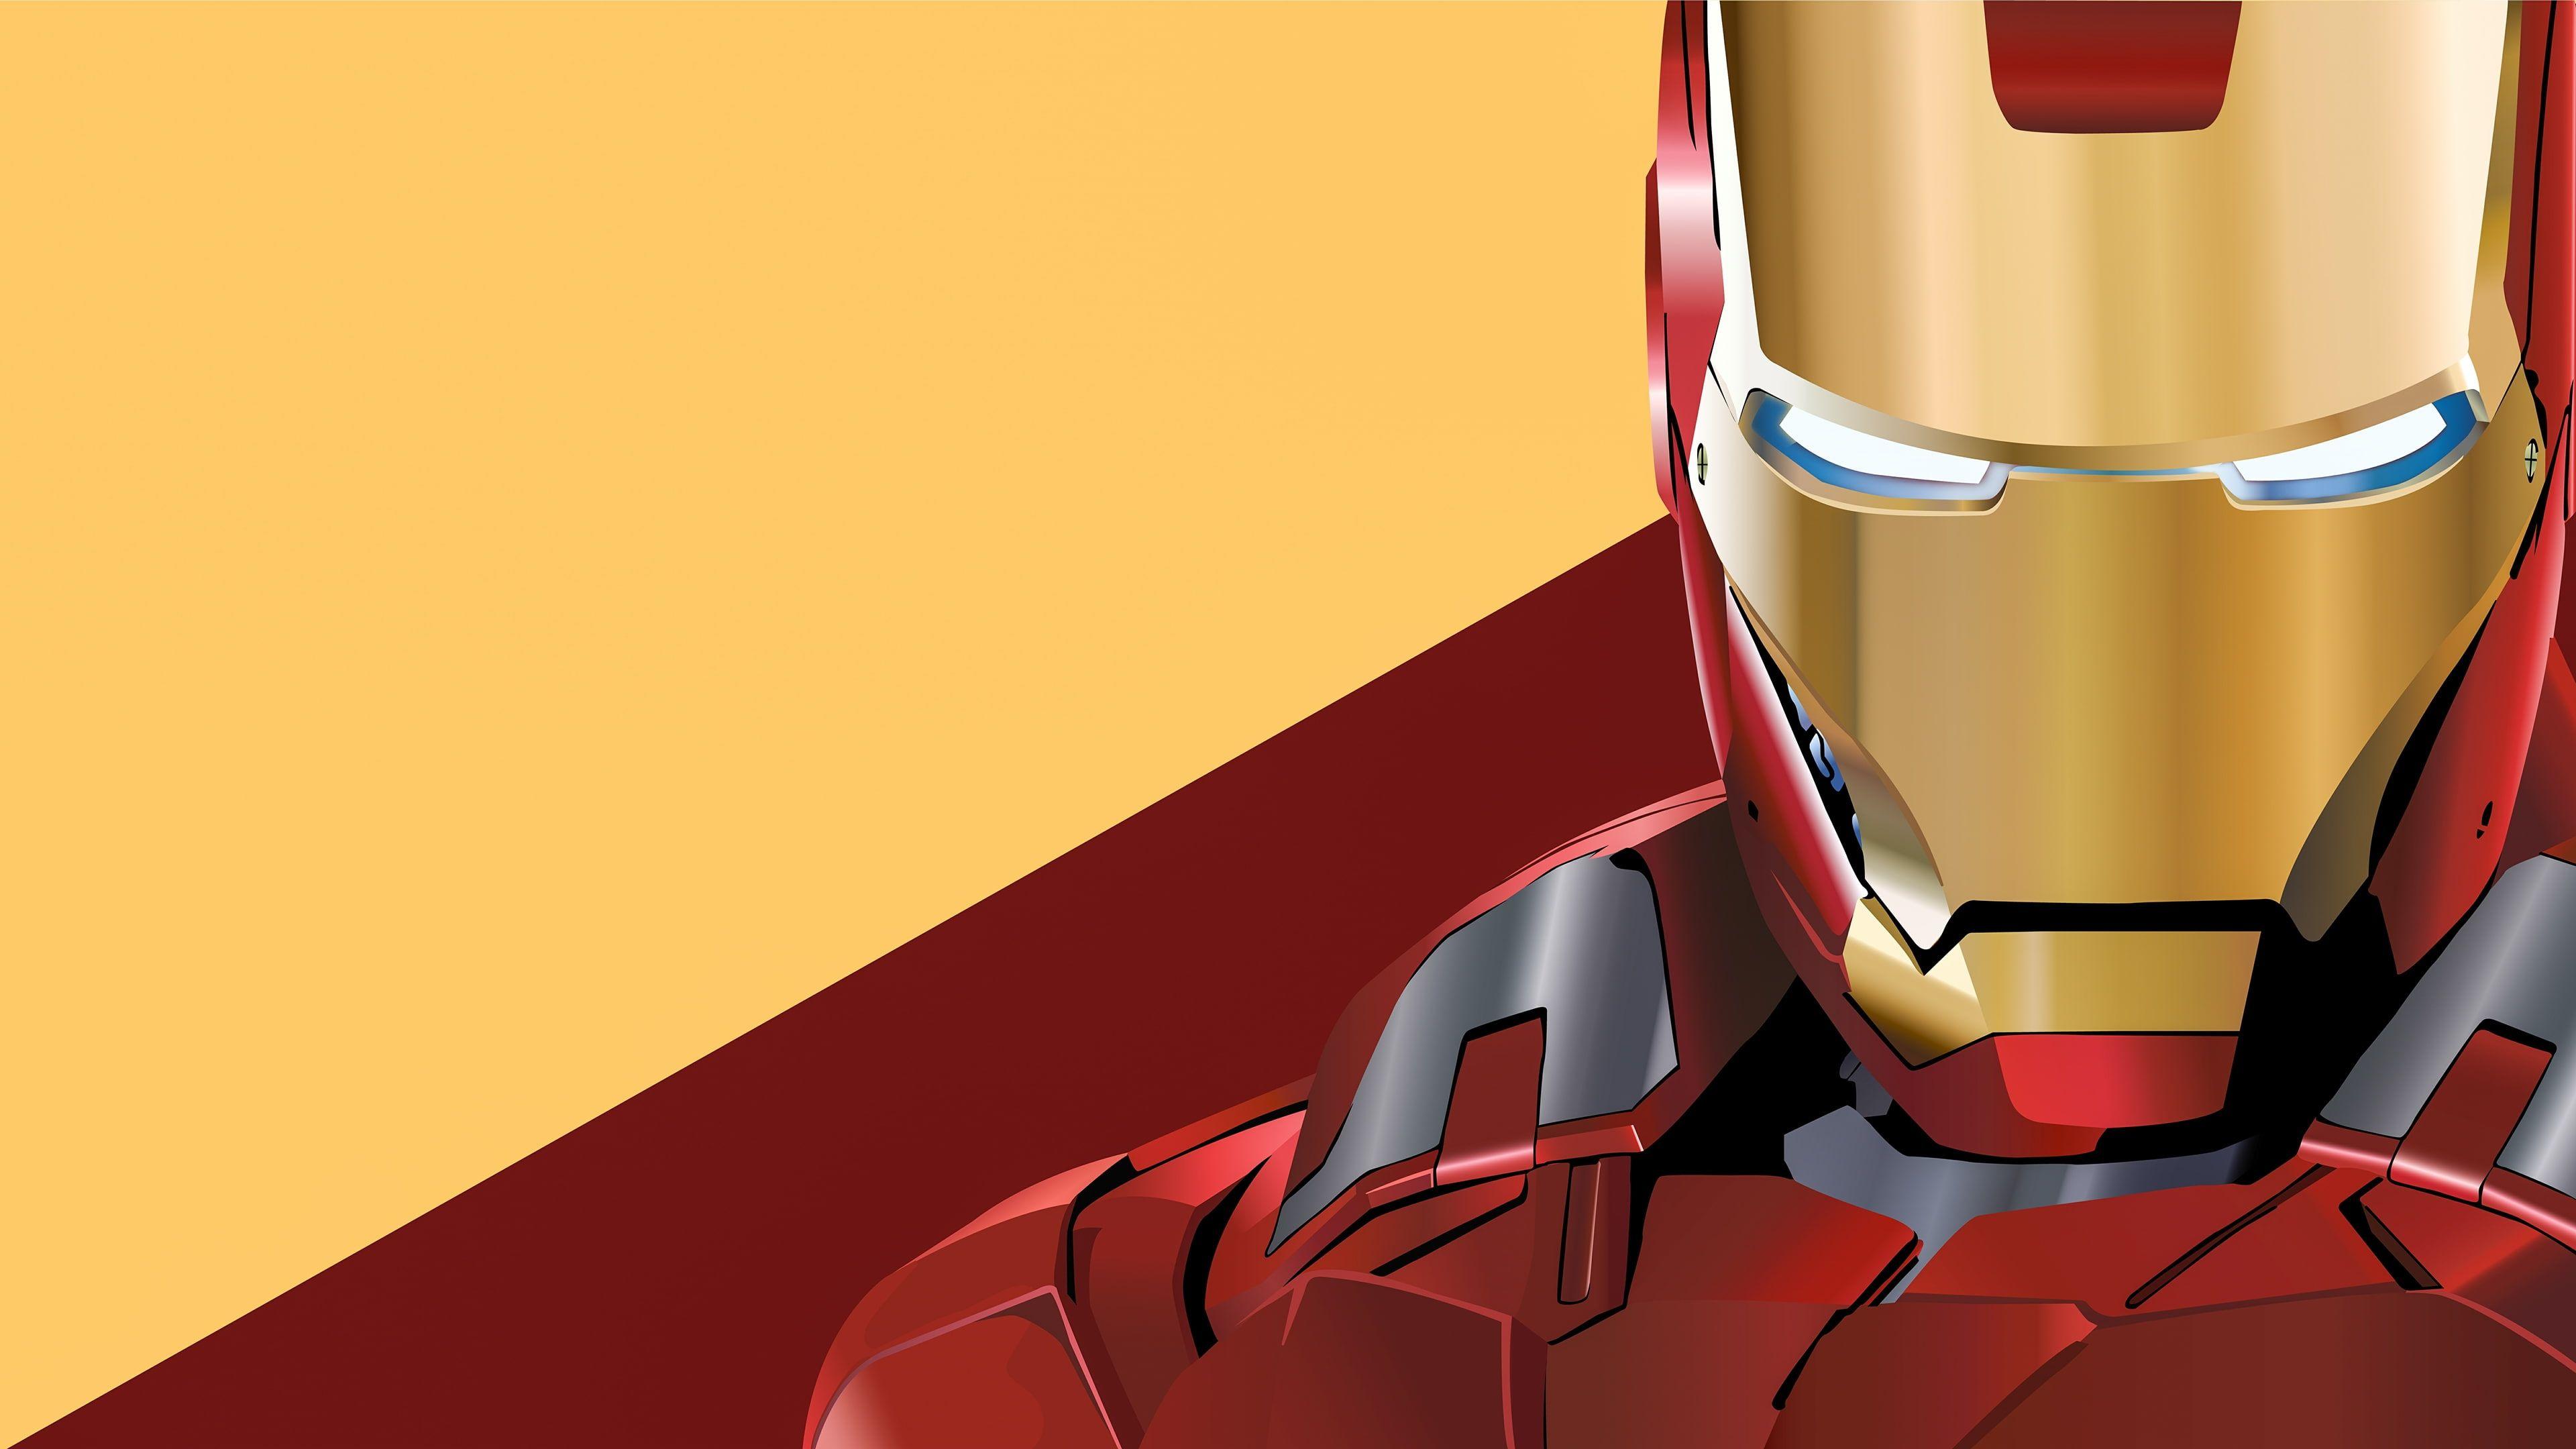 Iron Man Digital Art Hd 4k Artist Behance Artwork Superheroes 4k Wallpaper Hdwallpaper Desktop Iron Man Wallpaper Iron Man Man Wallpaper